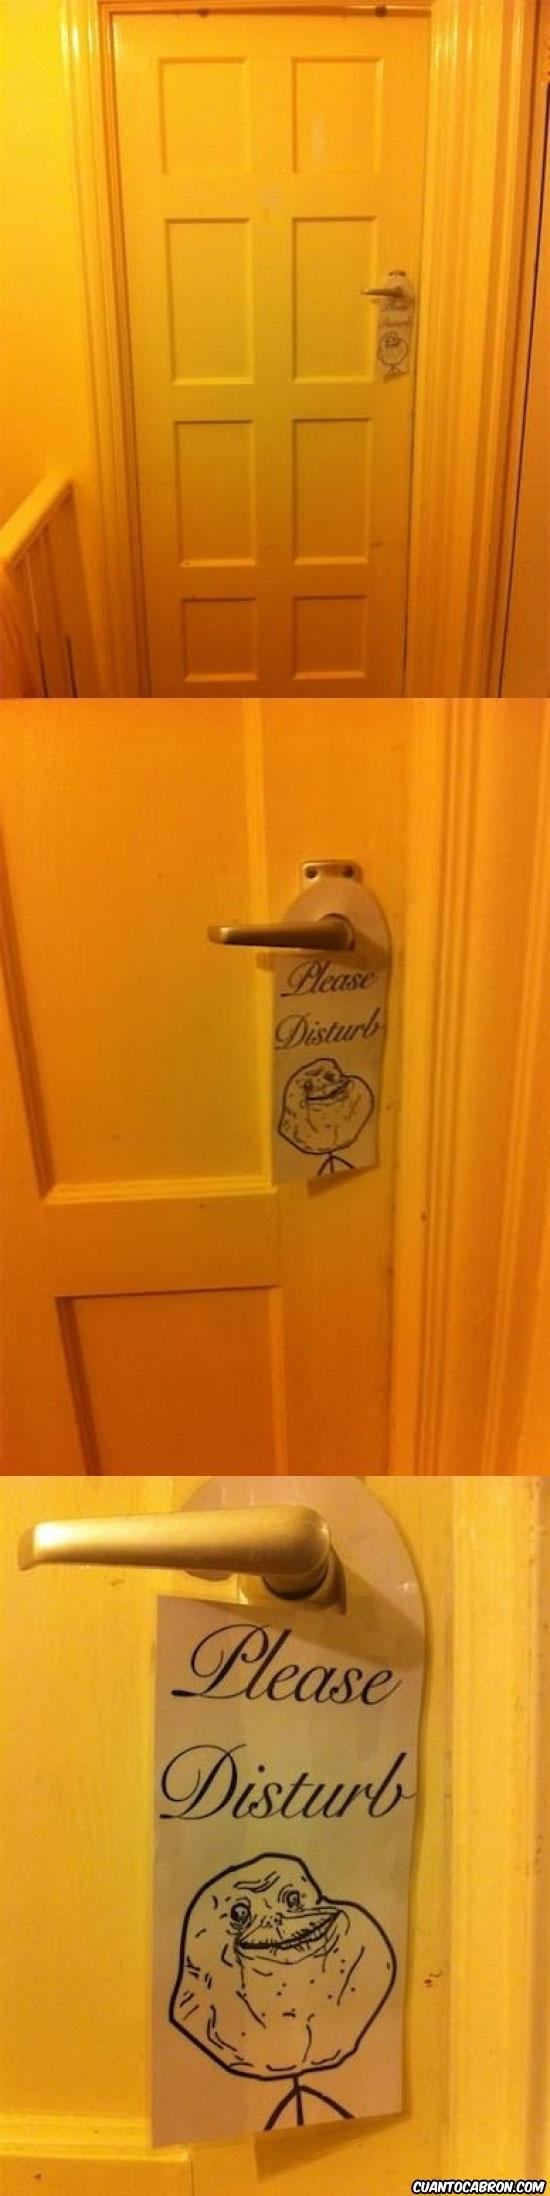 disturb,forever alone,habitación,hotel,moltestar,please